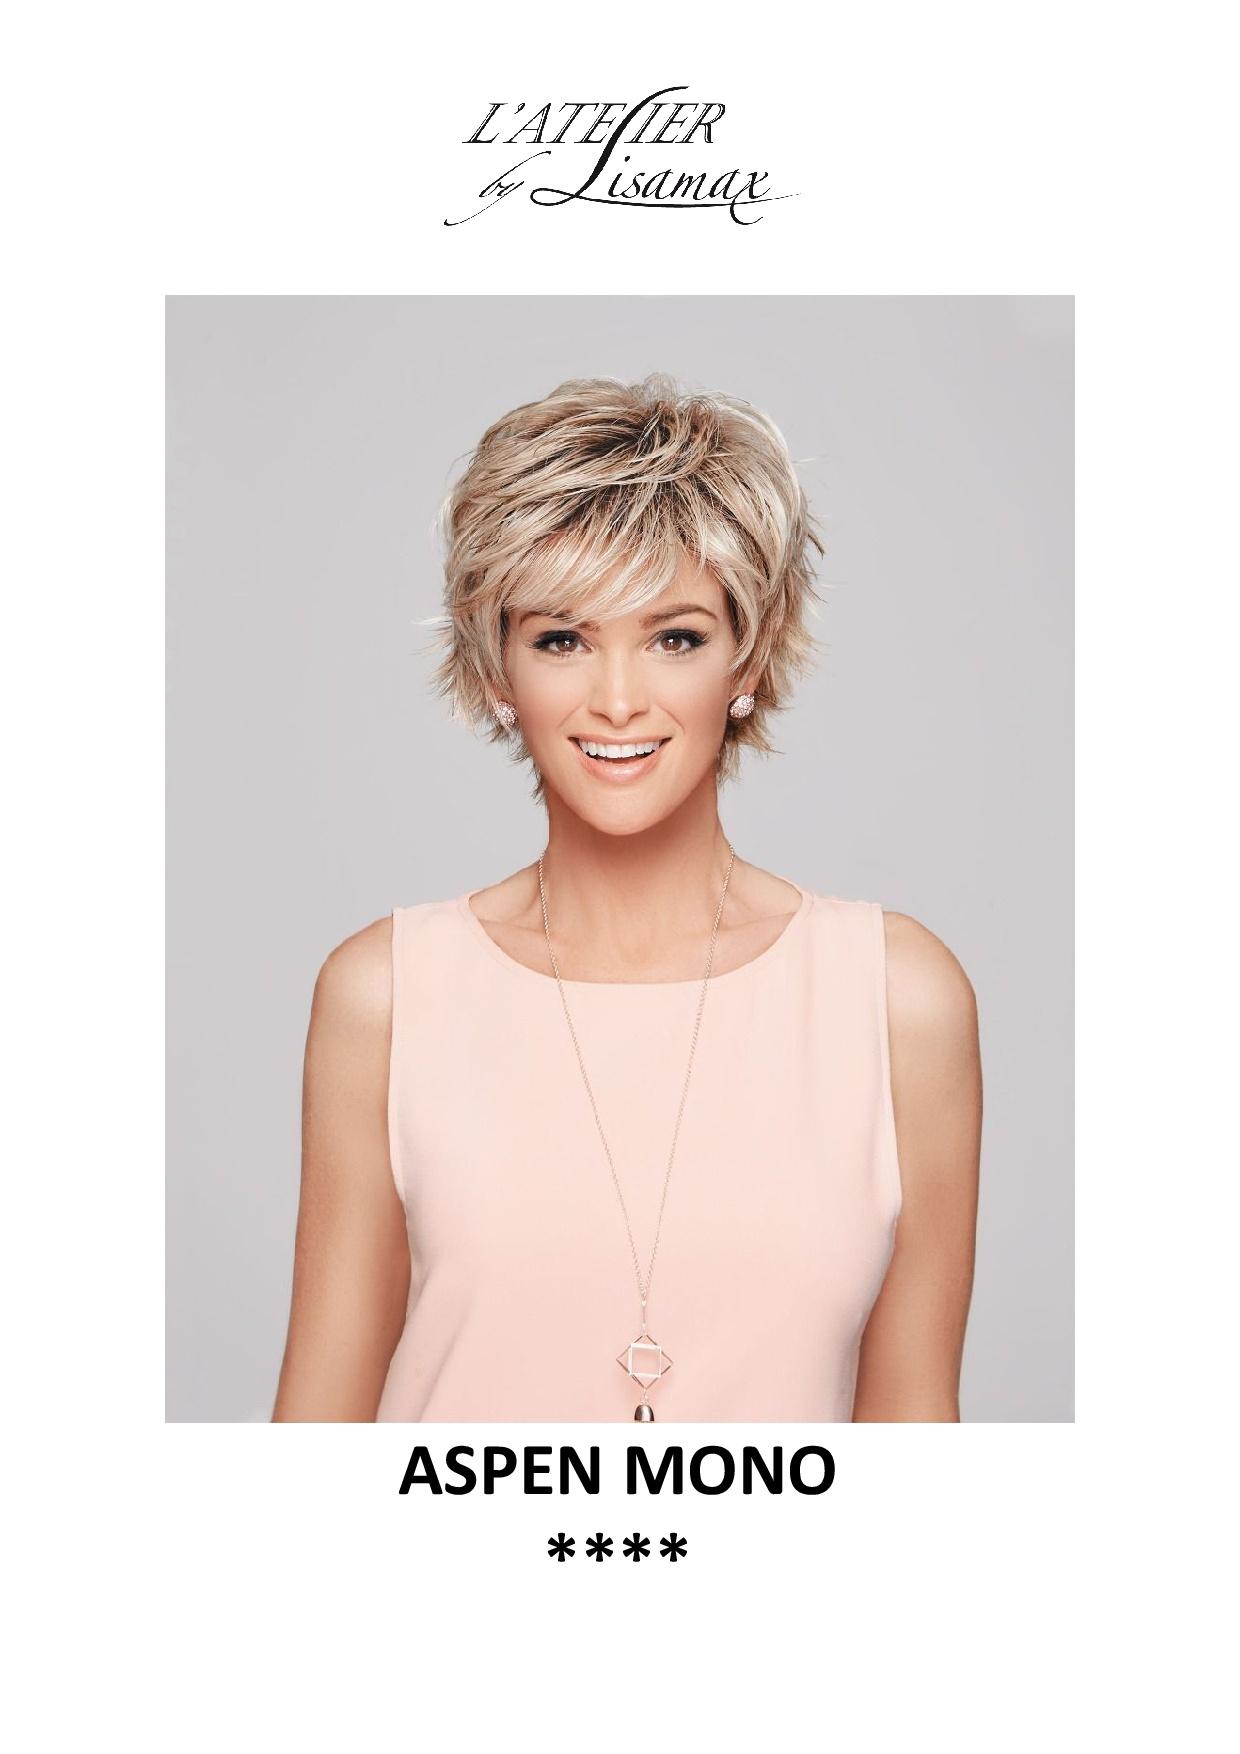 ASPEN MONO